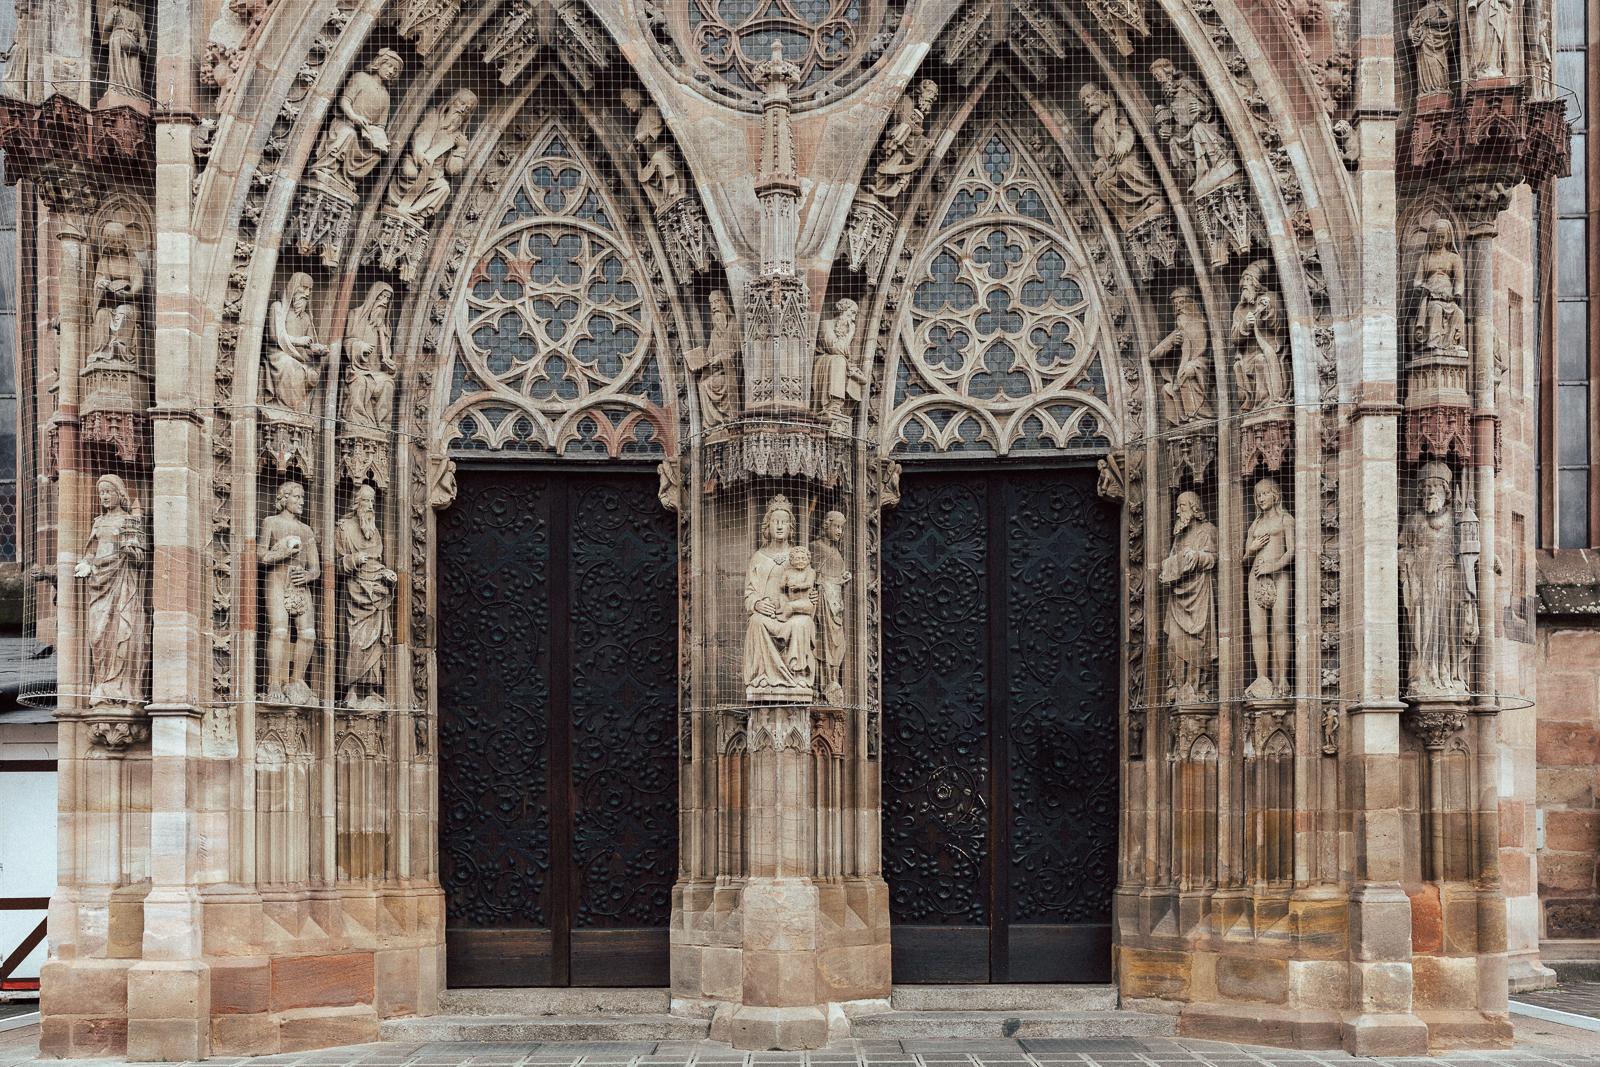 URBANERIE_Daniela_Goth_Fotografin_Nürnberg_Fürth_Erlangen_Schwabach_171110_001_0019